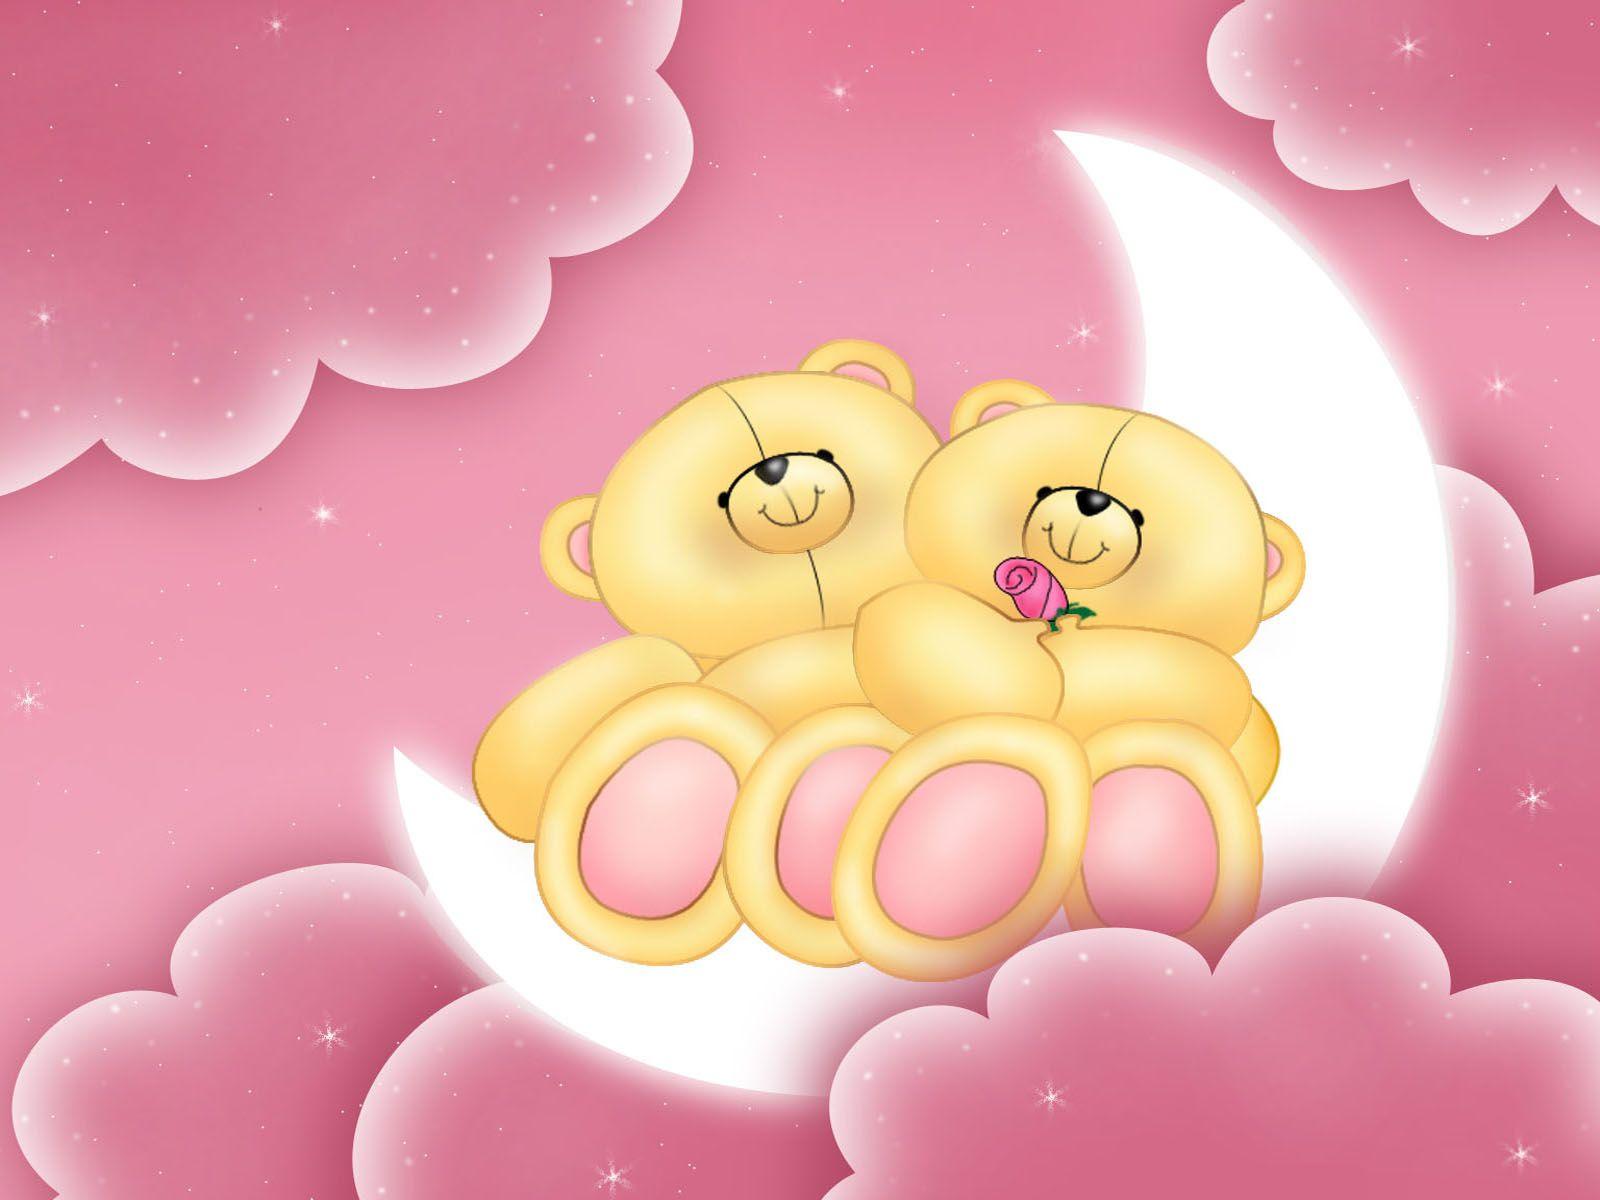 Pin Van Haruka Op Liefdexx Roze Achtergronden Beertjes Liefde